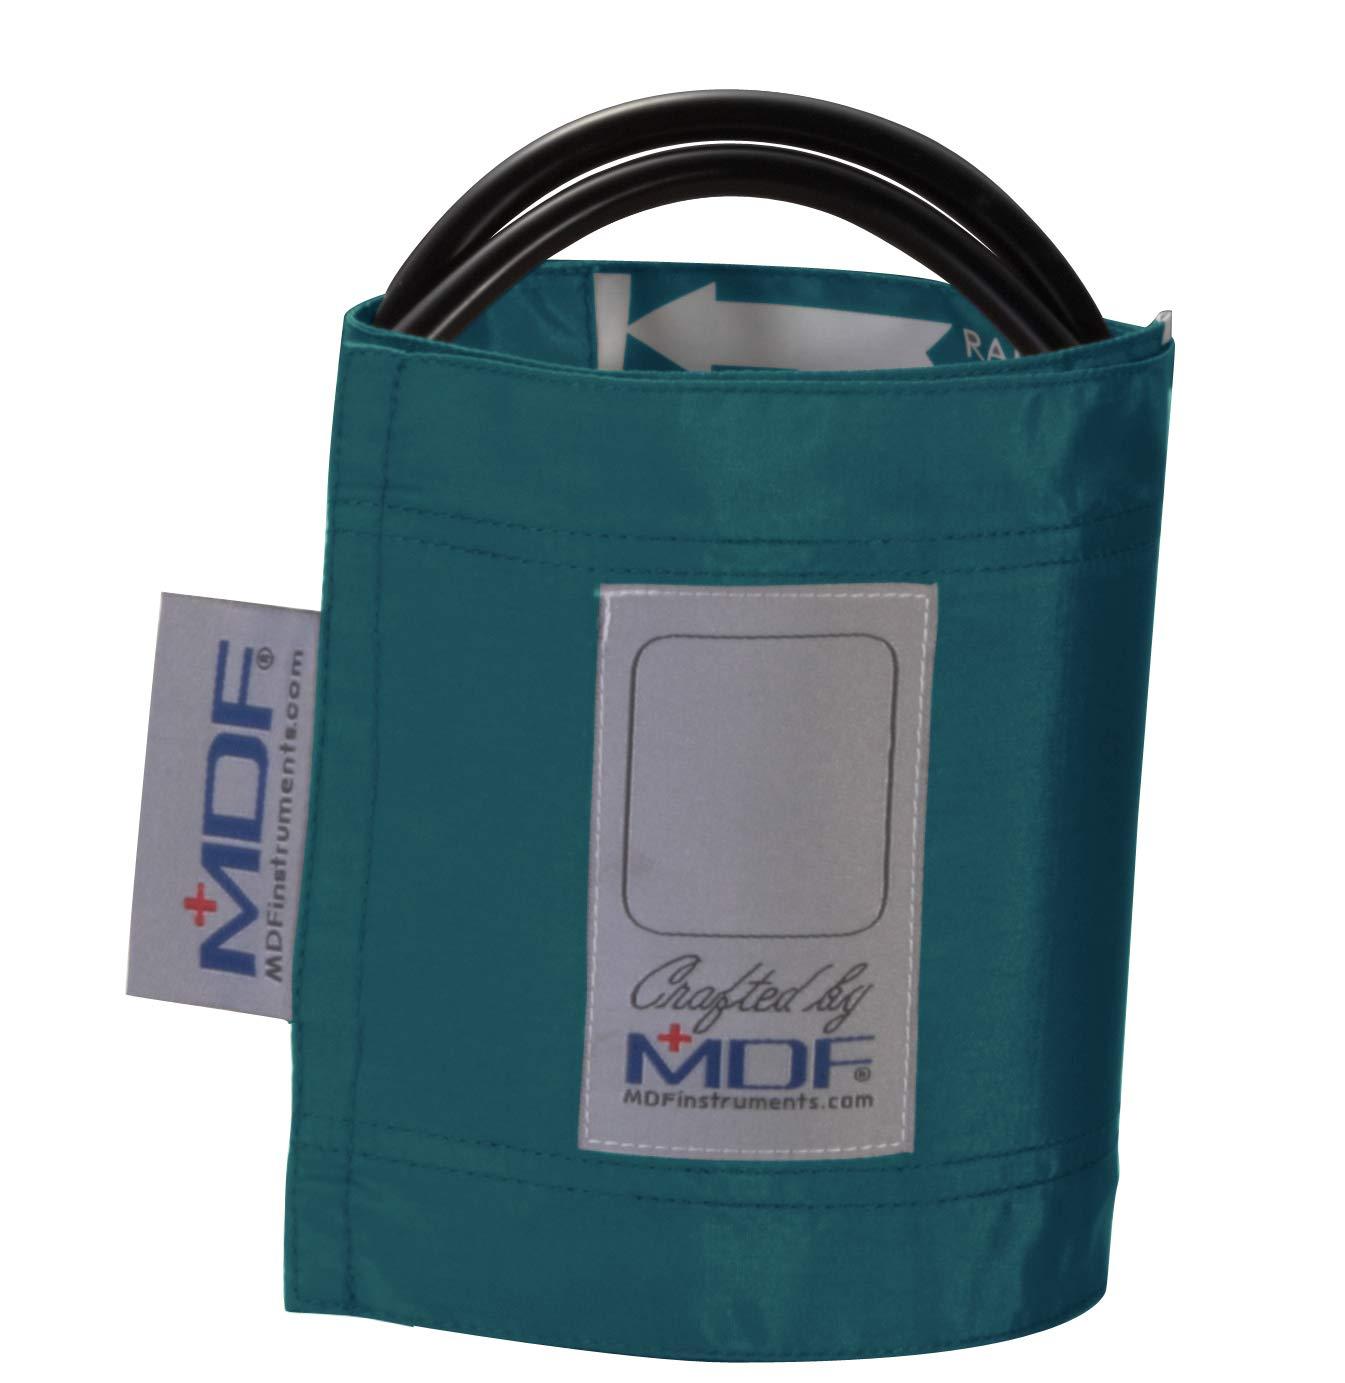 MDF® Adulto - Doble tubo Manguito sin látex para presión arterial - Negro (MDF2100450-11): Amazon.es: Salud y cuidado personal